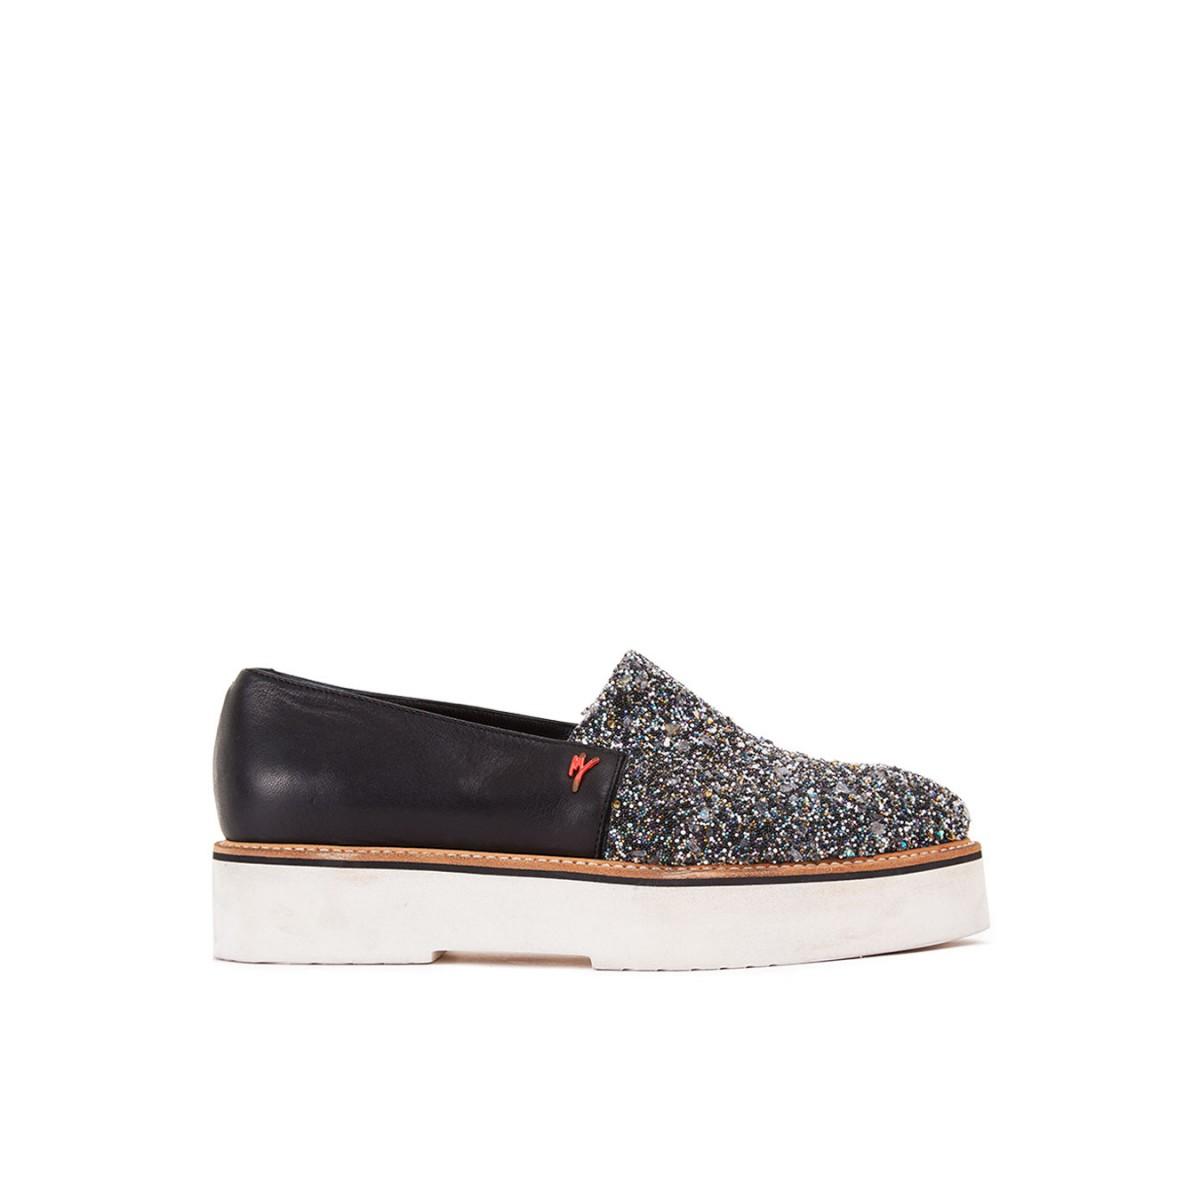 pantofola-con-zeppa